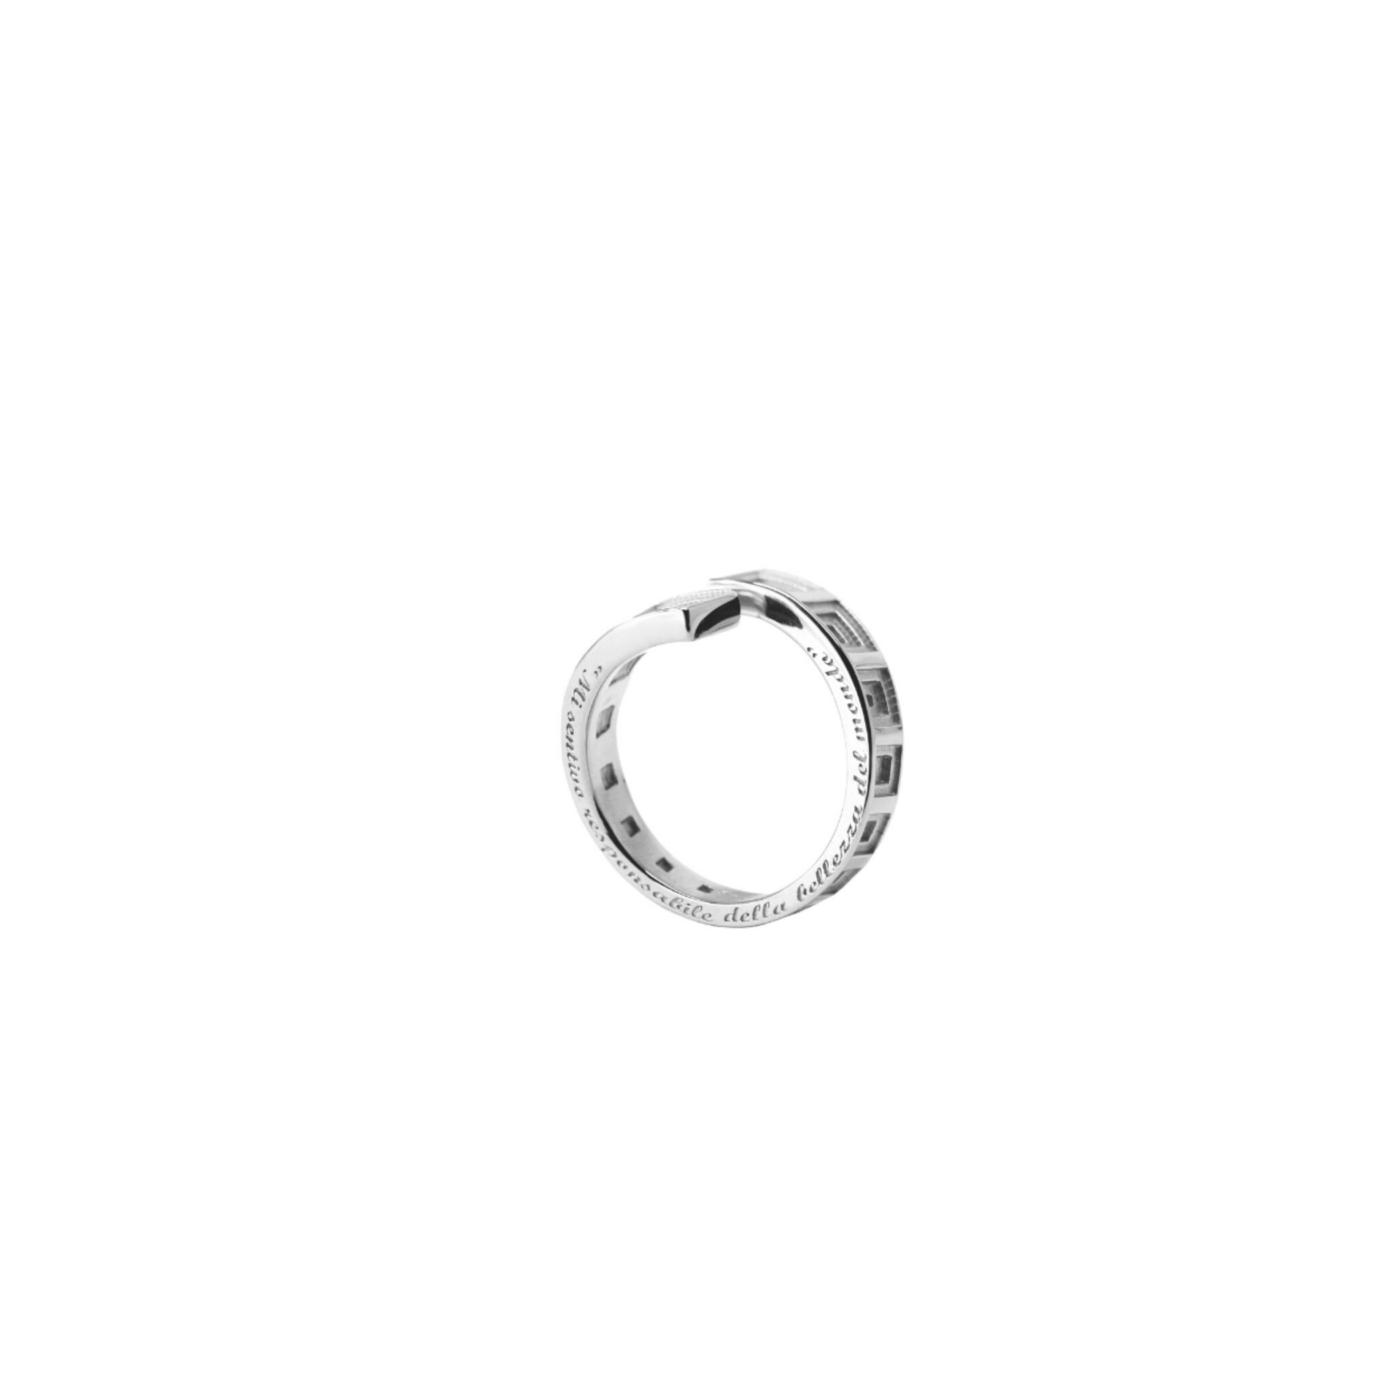 Pantheon Ring 925 Sterling Silver